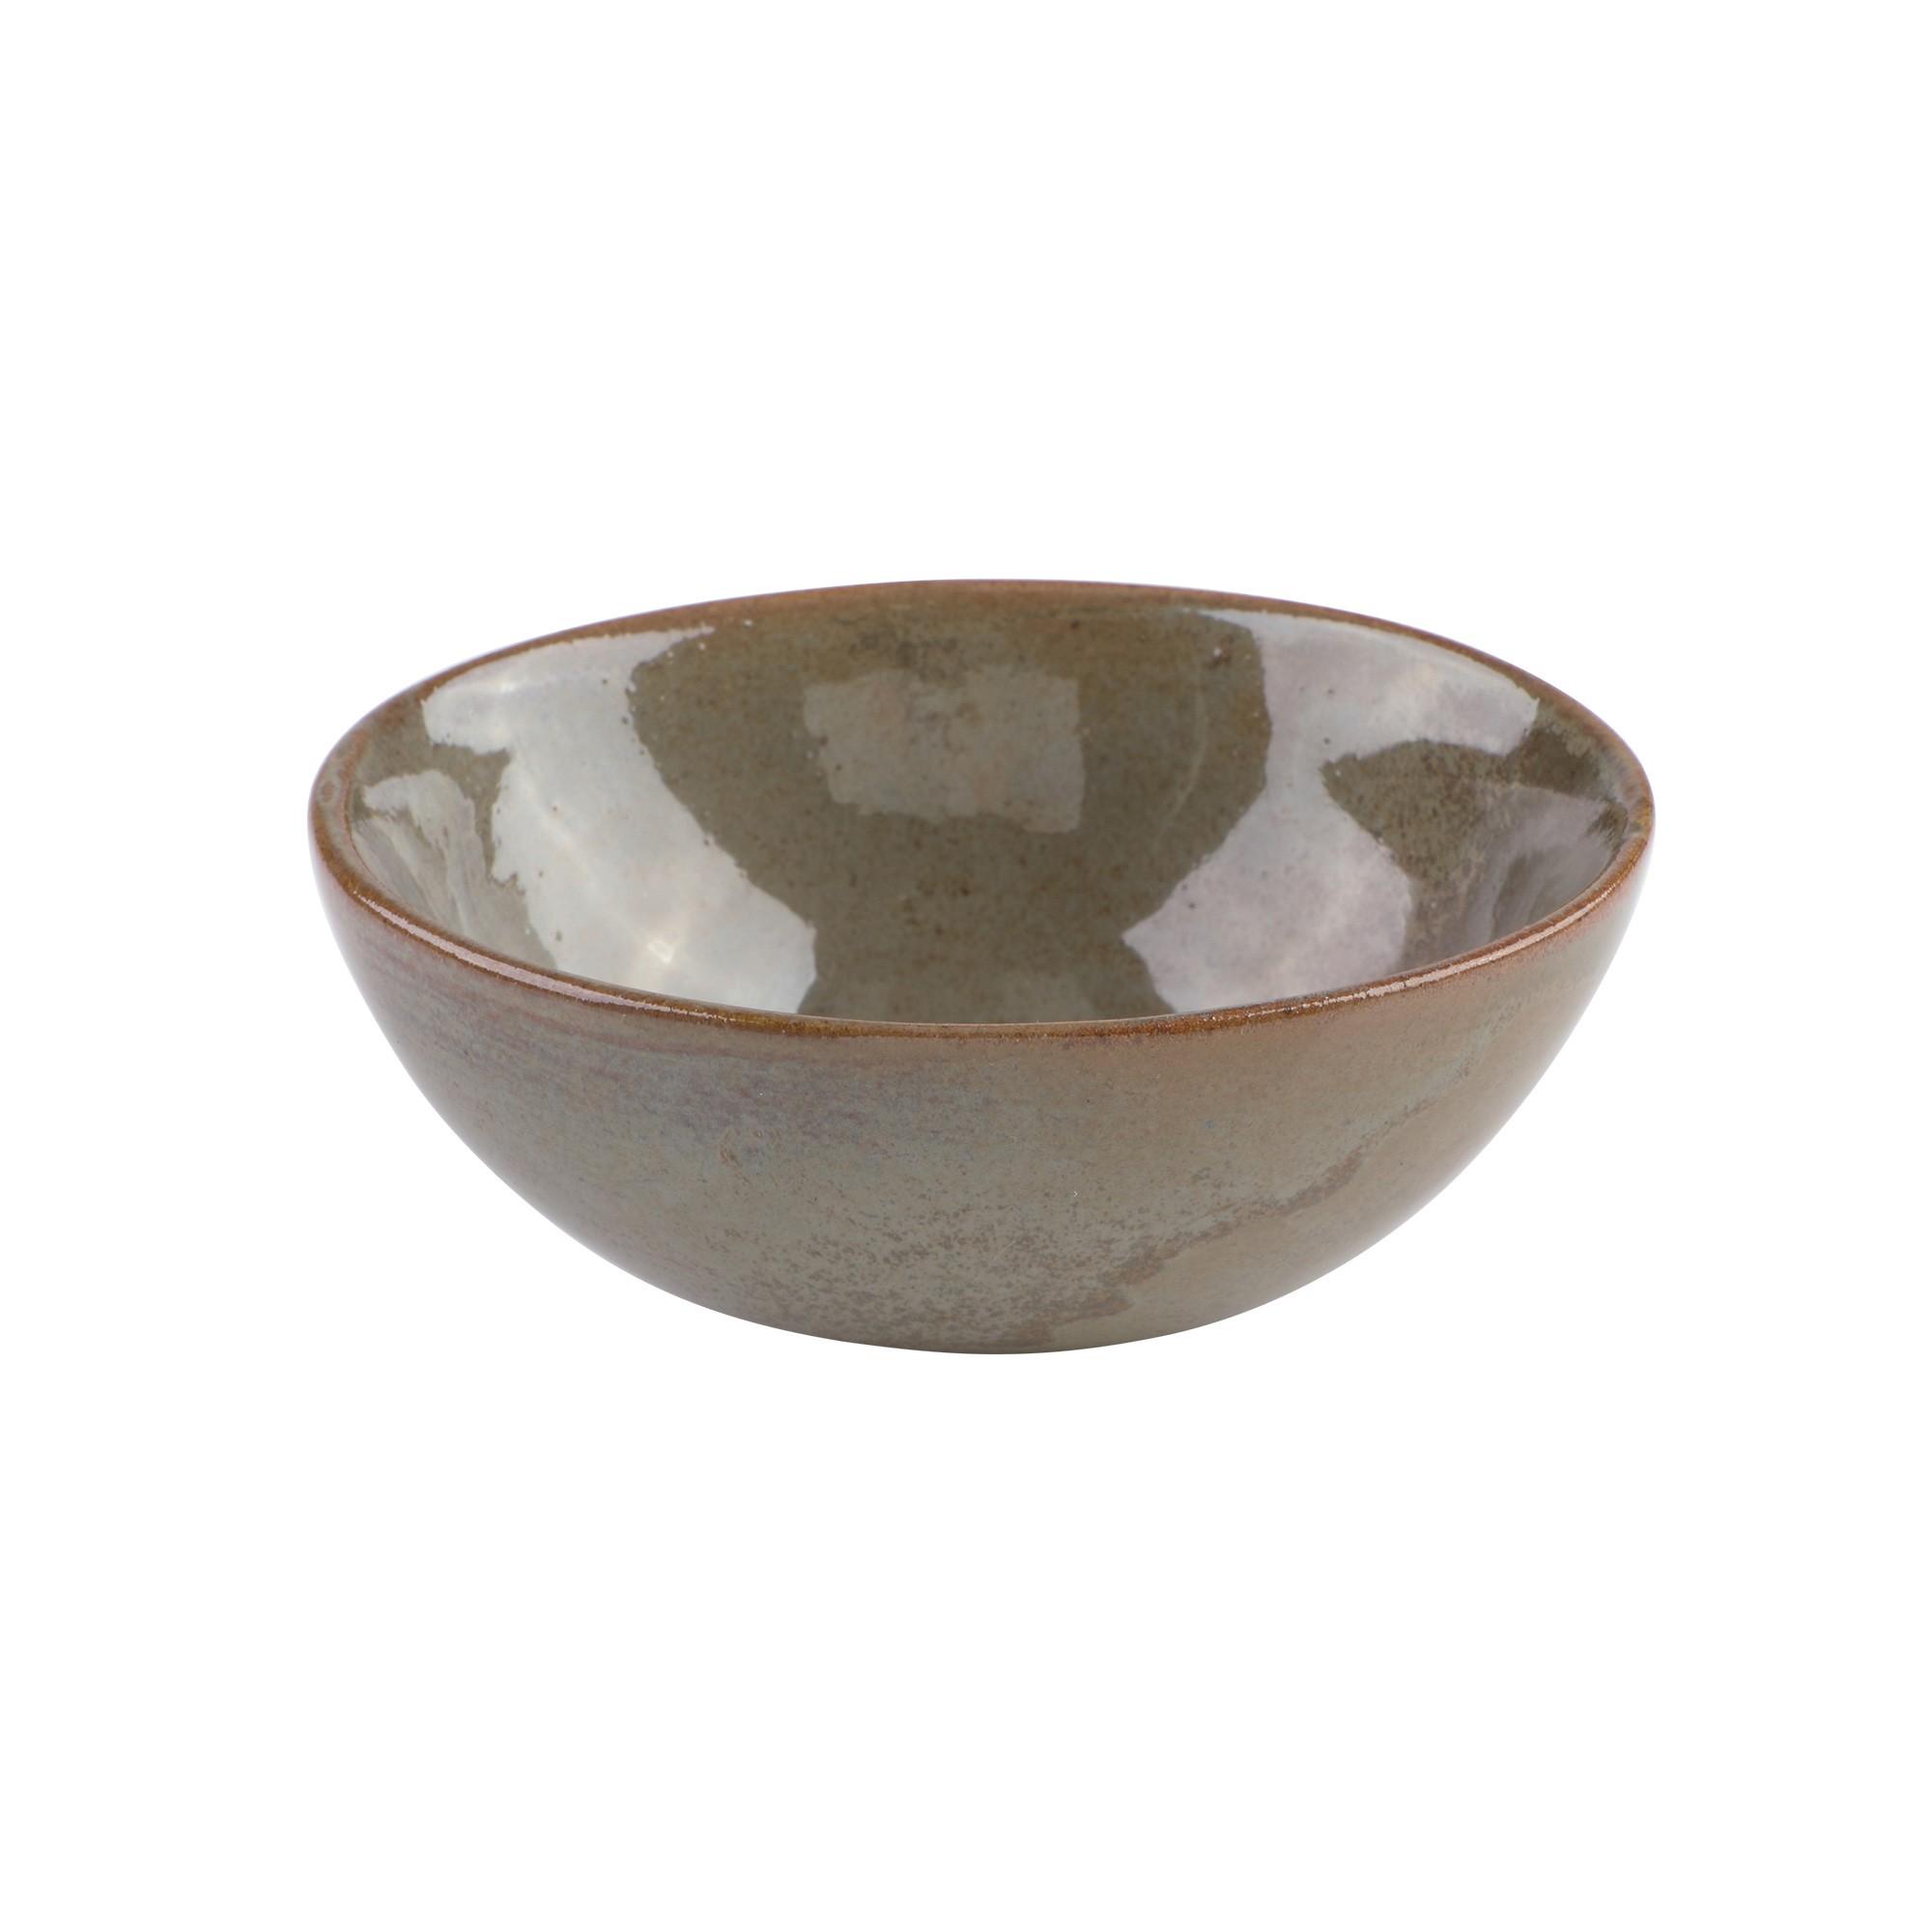 Incensário de cerâmica cumbuca oval ( com variações de cor)